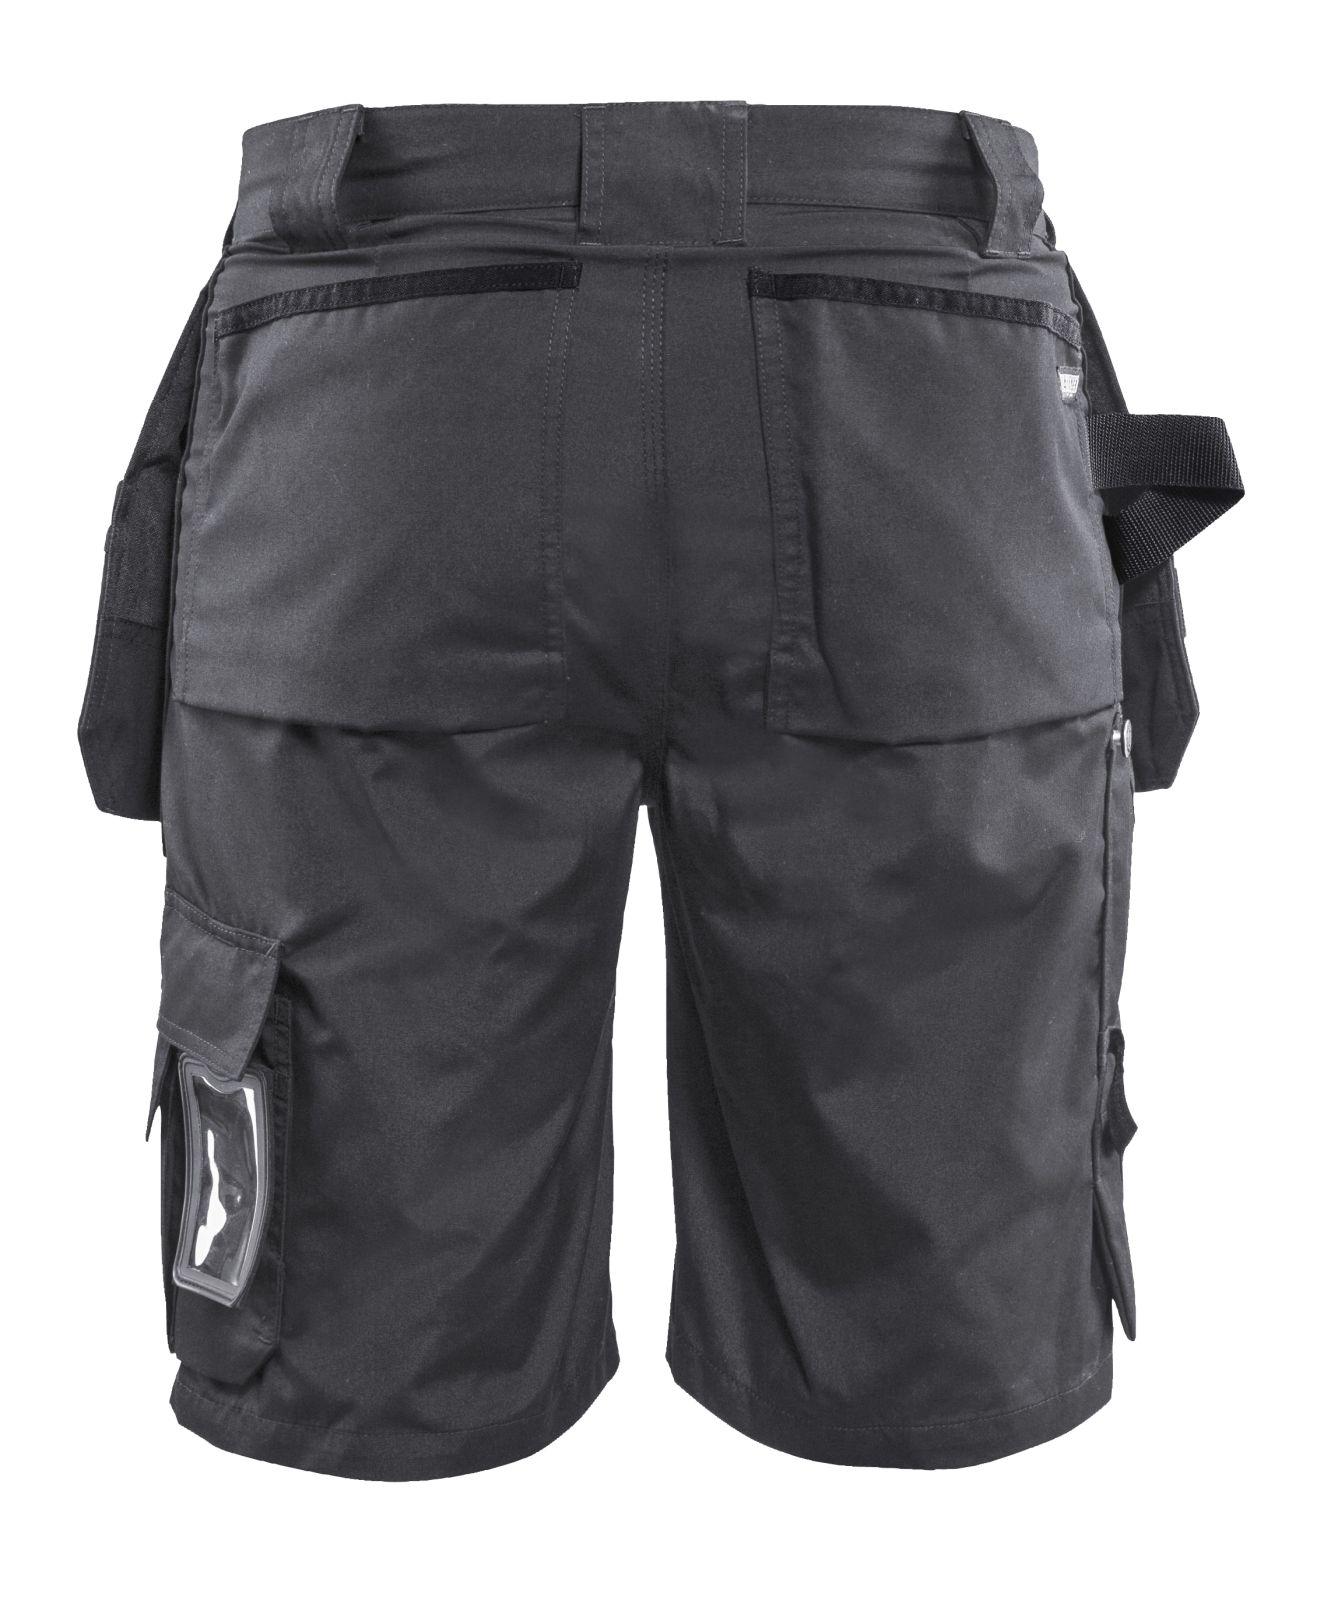 Blaklader Ambacht Zomer Korte werkbroeken- shorts 15261845 Polyester- katoen- cordura Lichtgewicht donkergrijs-zwart(9899)